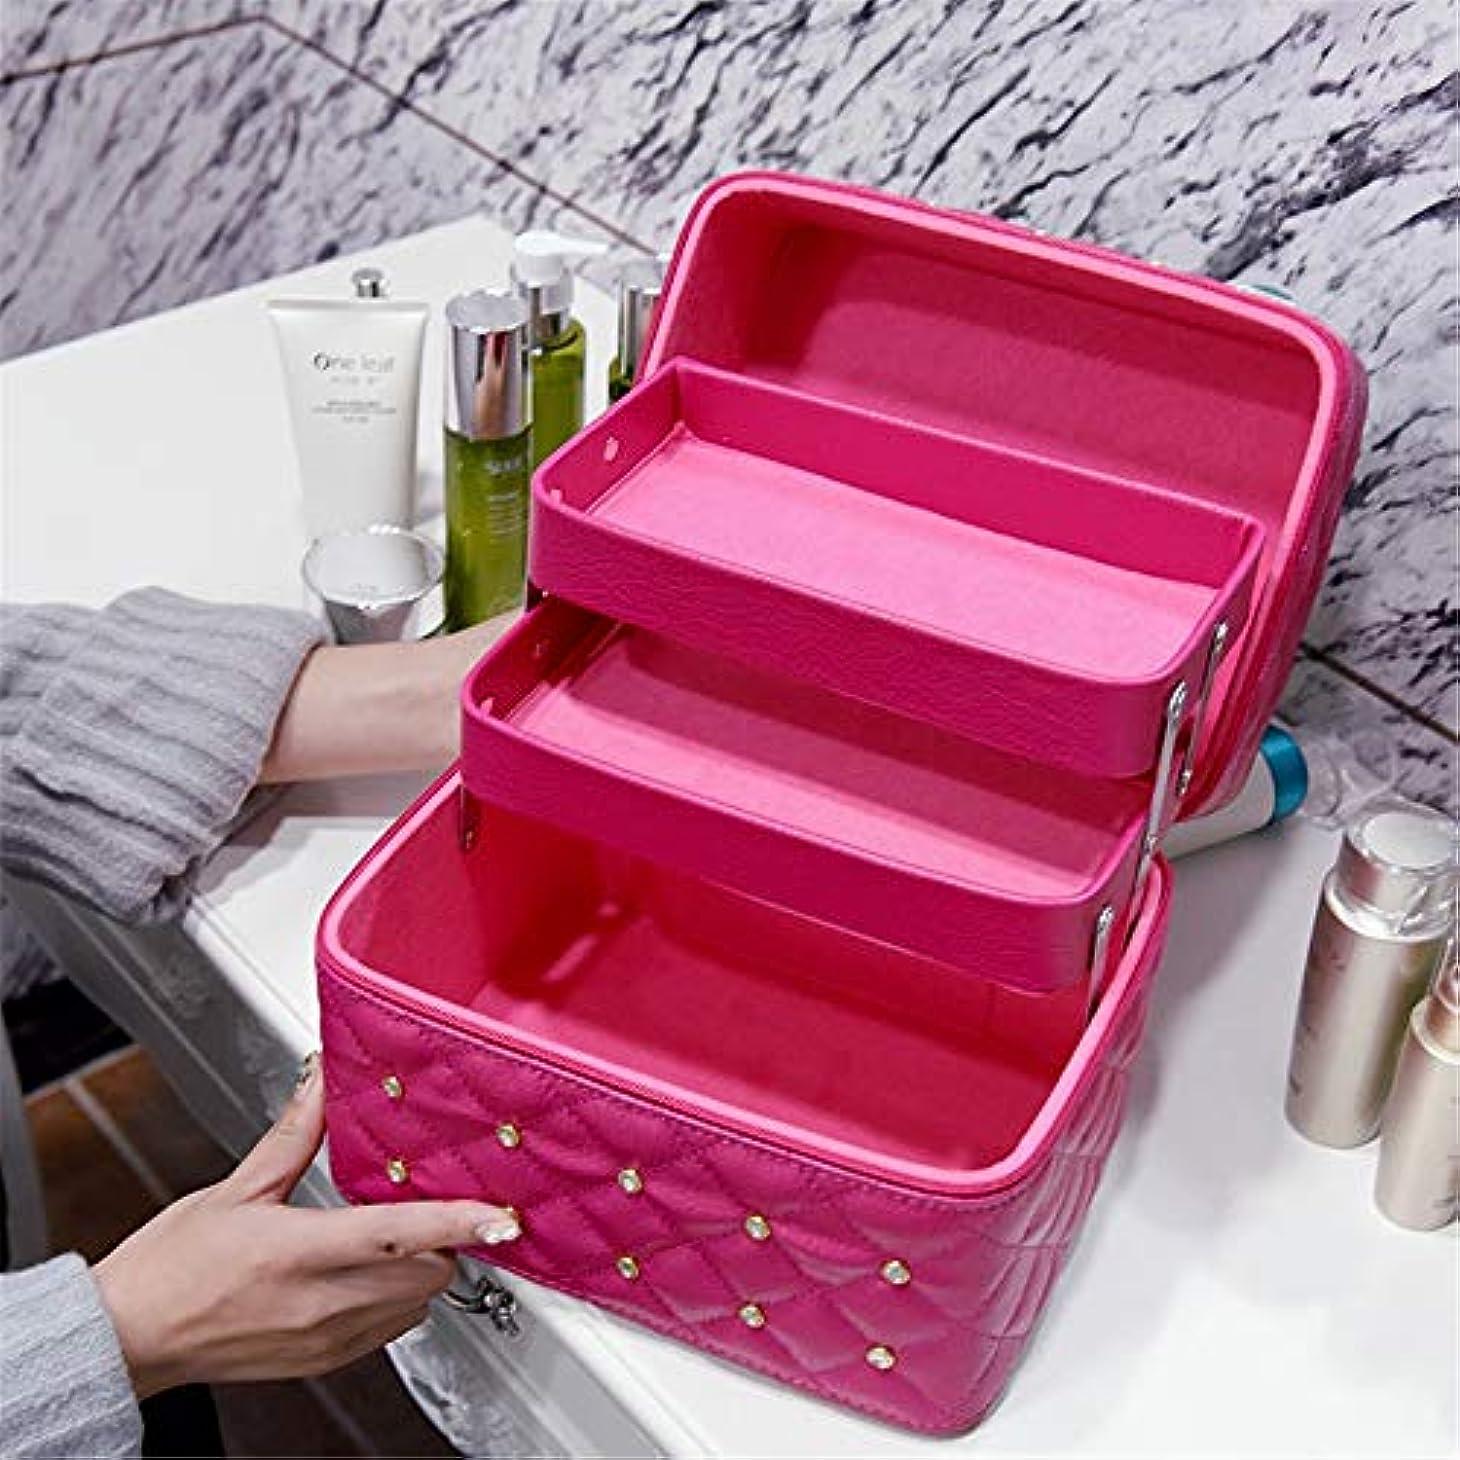 ペンスヘッジイブ化粧オーガナイザーバッグ メイクアップトラベルバッグPUレター防水化粧ケースティーン女の子の女性のアーティストのための 化粧品ケース